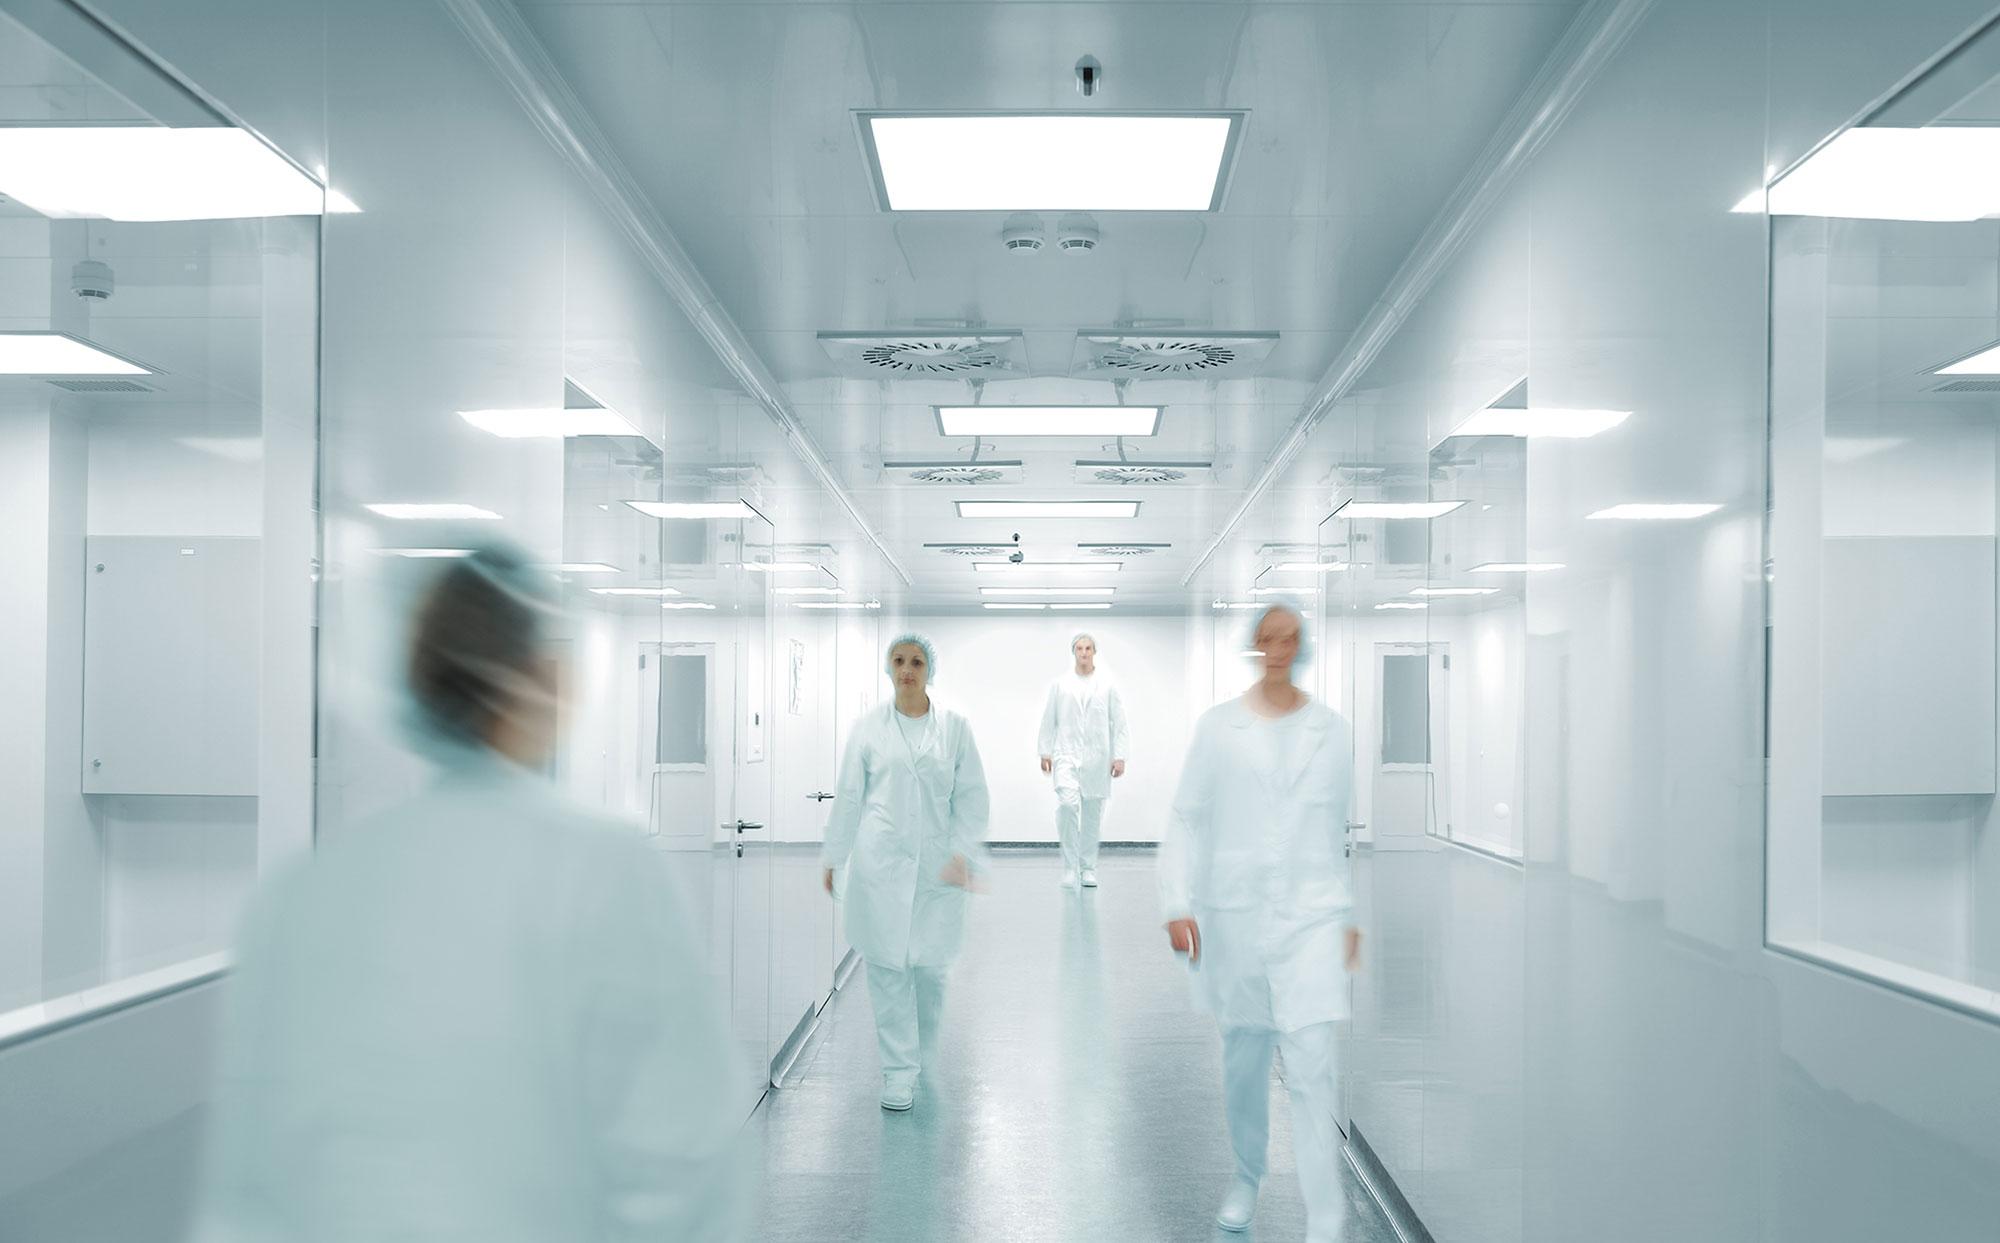 Συγκλονιστικό άρθρο - «Ο Χάρος έκοβε βόλτες πάνω – κάτω σε τούτη τη κλινική…»